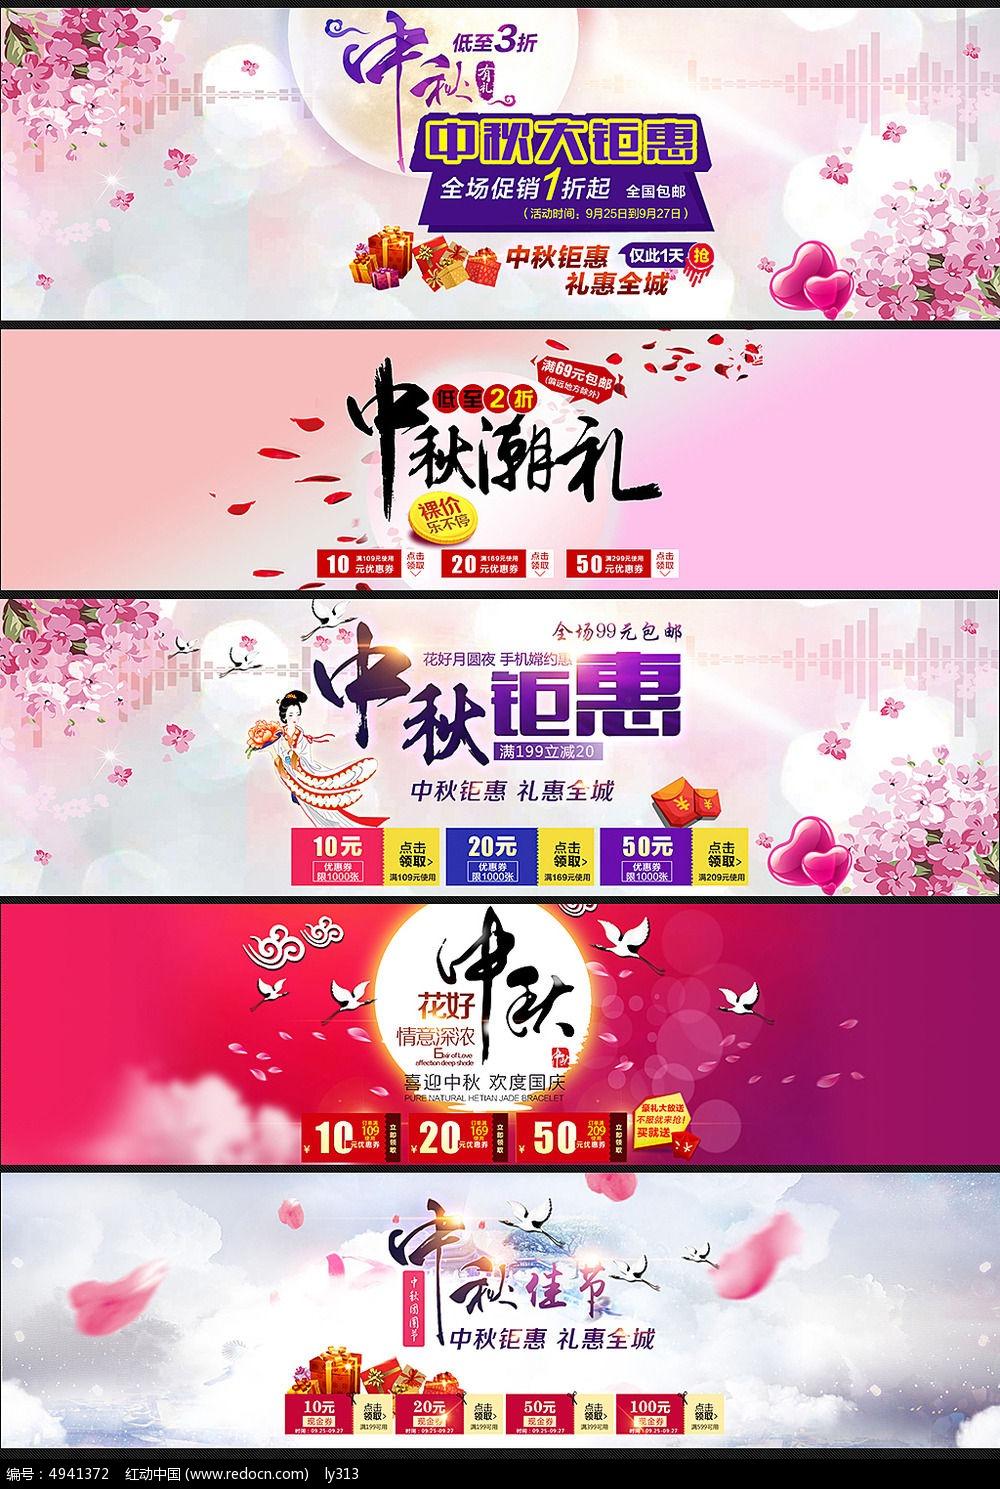 淘宝天猫中秋佳节促销活动海报模板